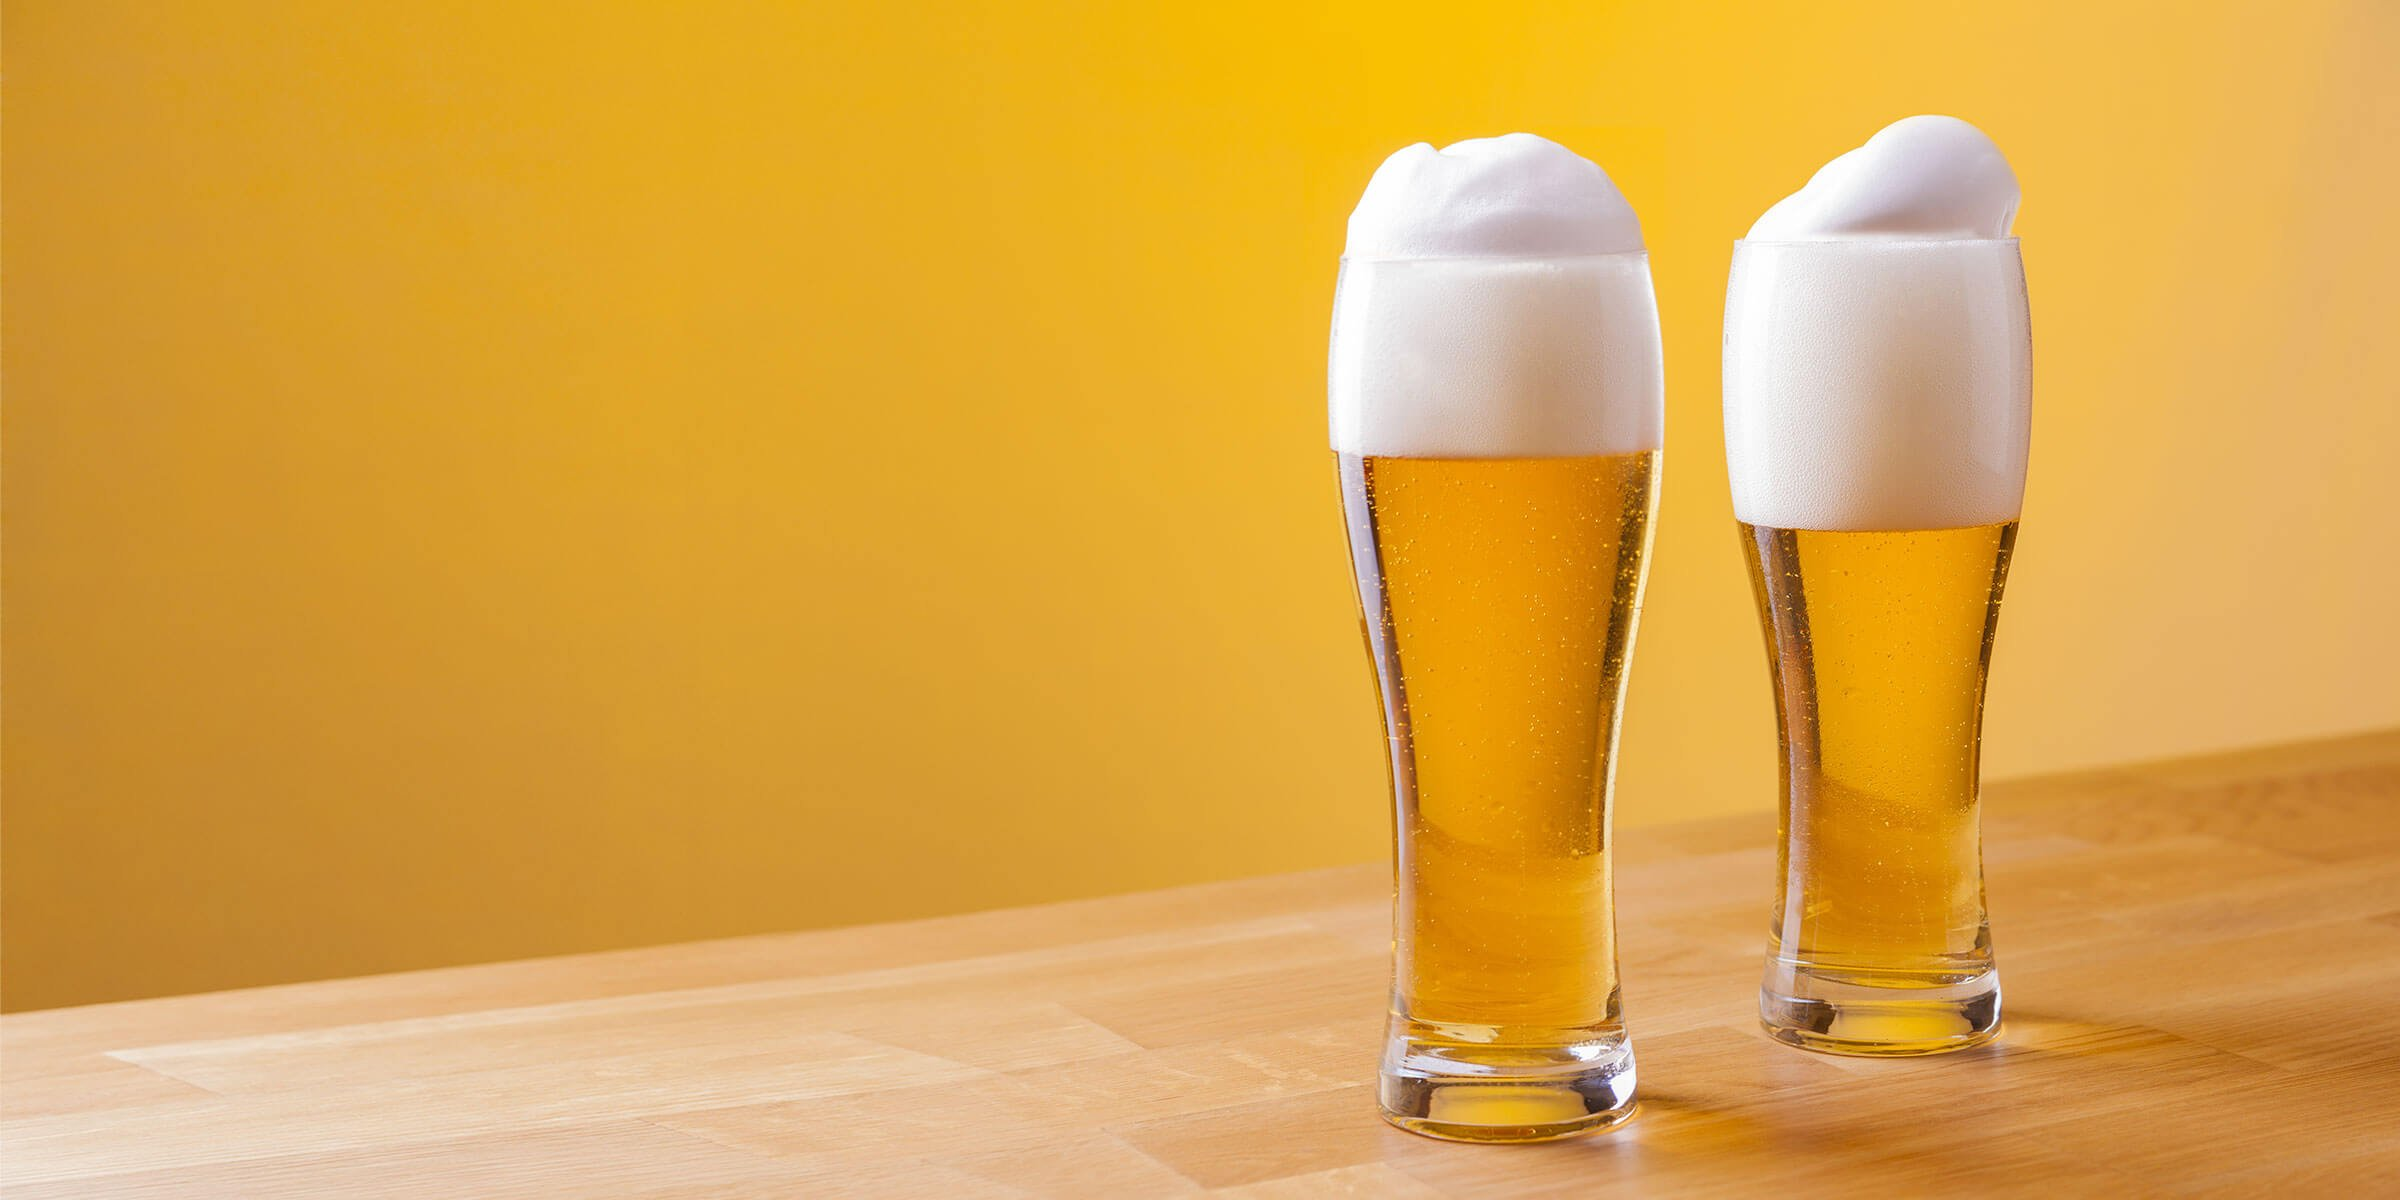 American Blonde Ale in Weizen Glass